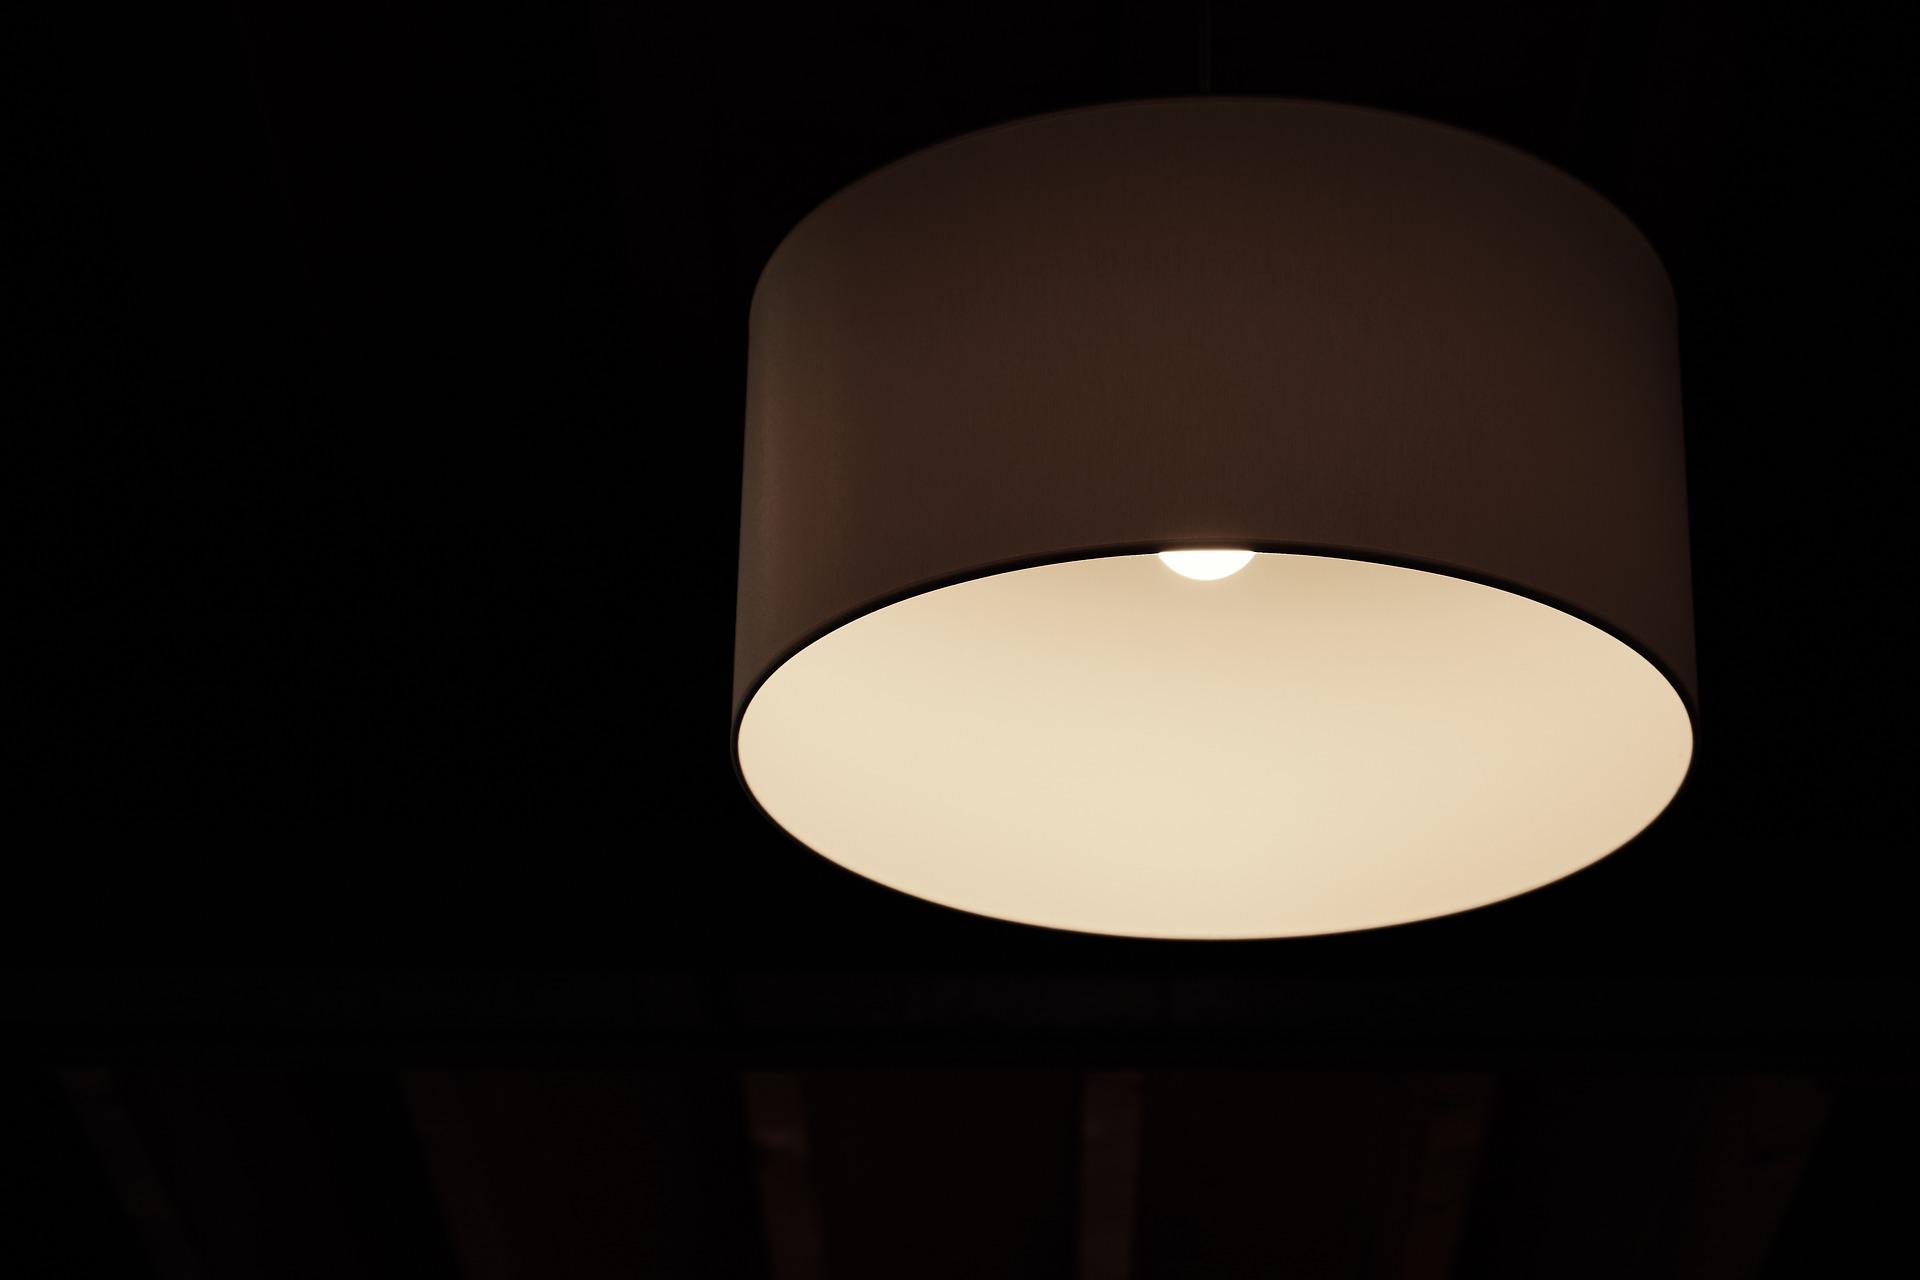 light-2469093_1920.jpg